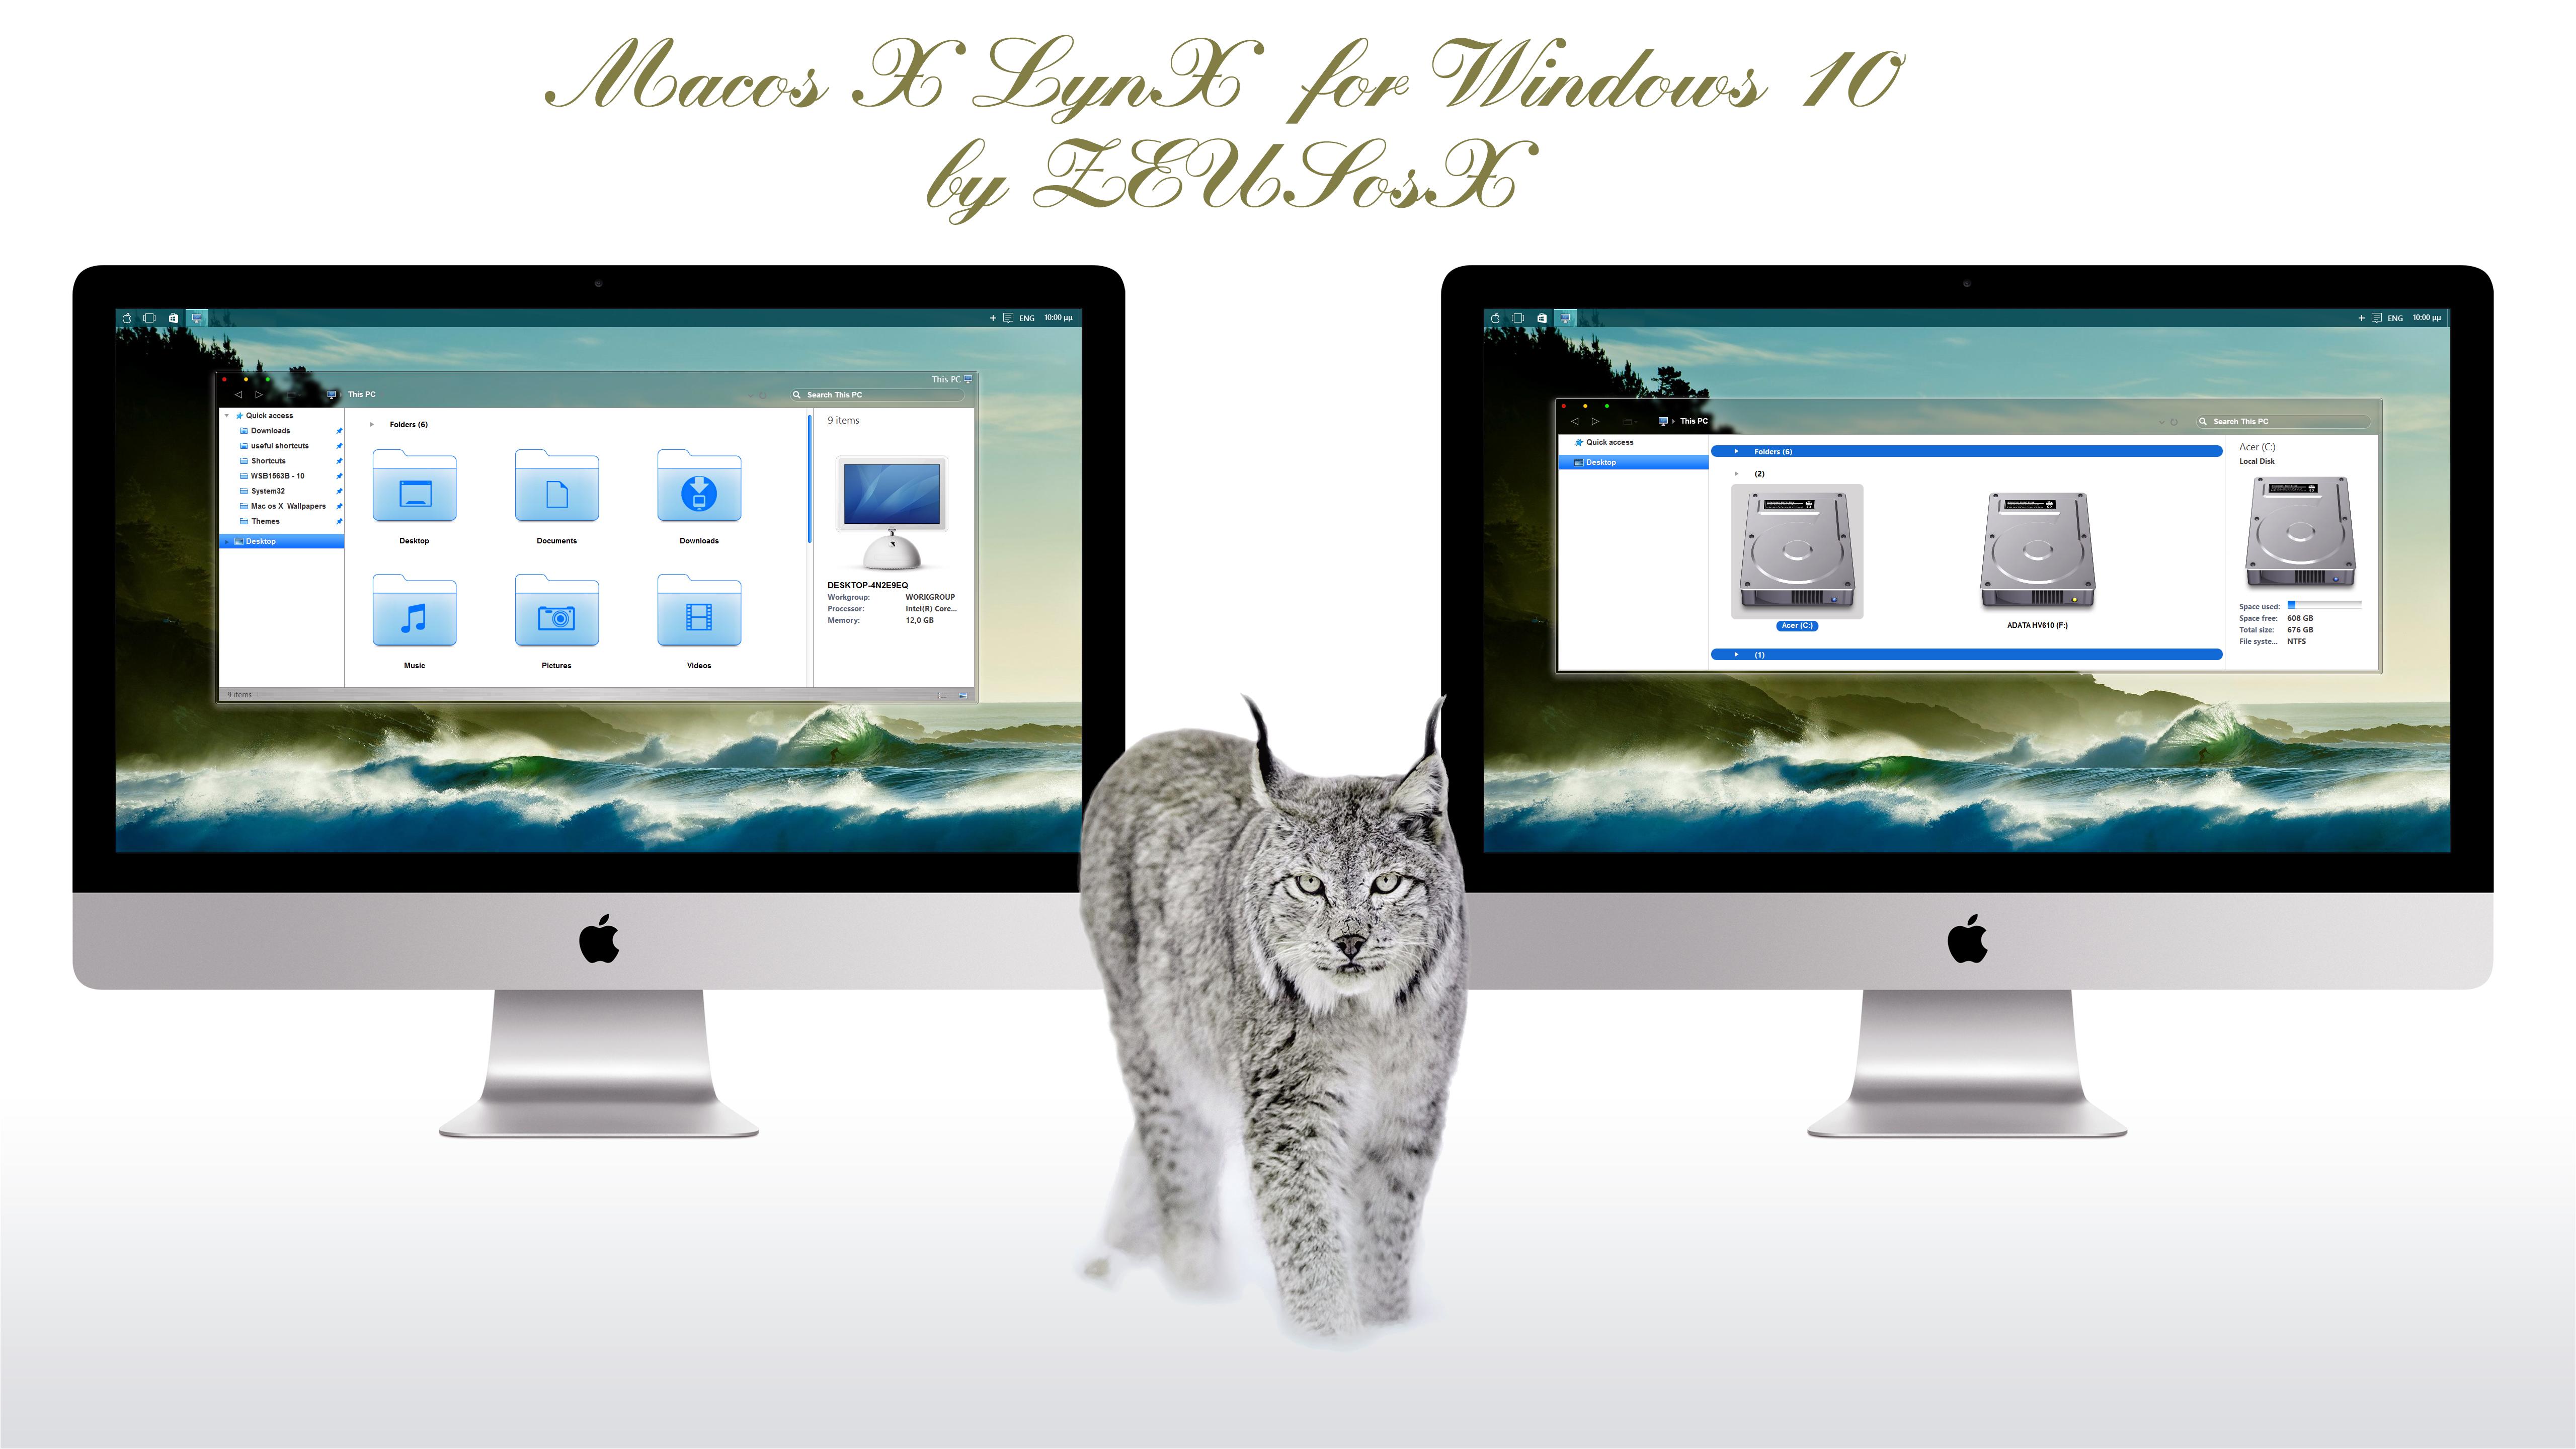 Mac os X LynX for Windows 10 rtm by ZEUSosX